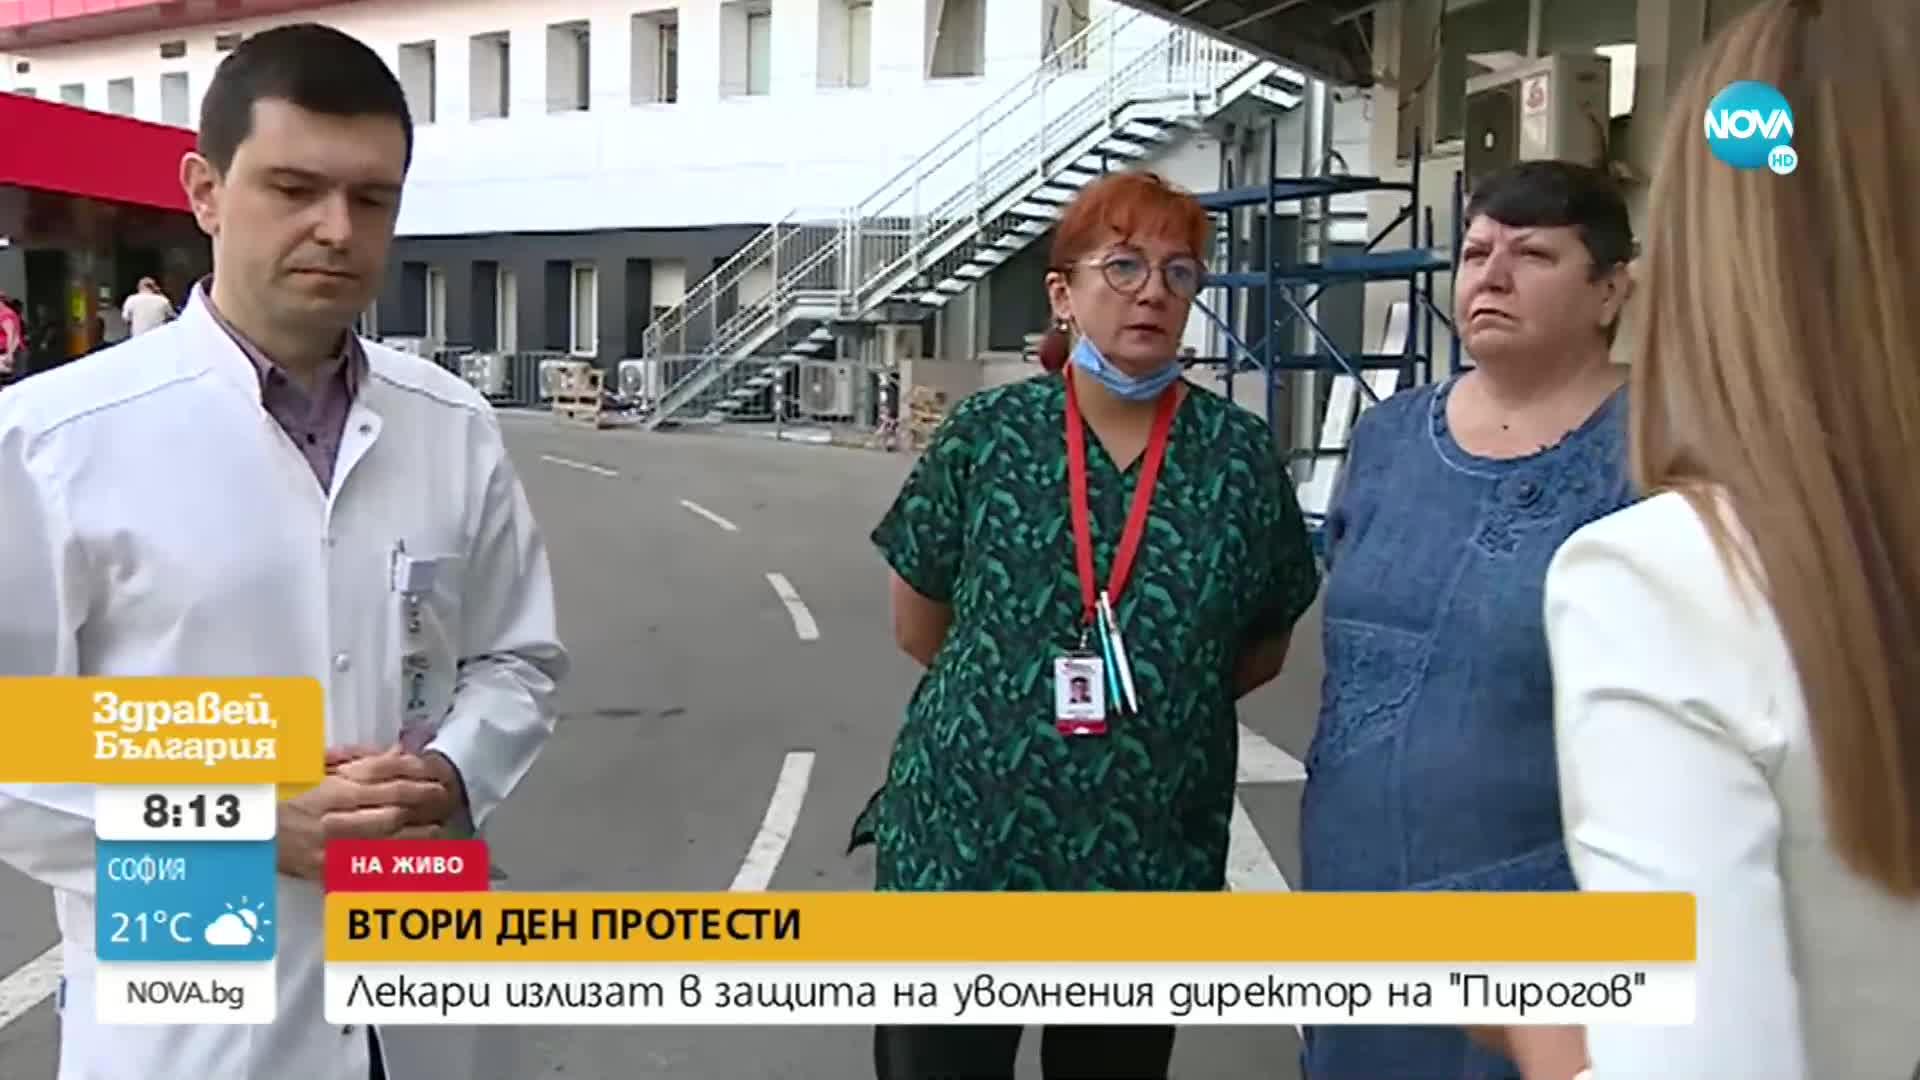 """Лекари отново излизат на протест в защита на уволнения директор на """"Пирогов"""""""